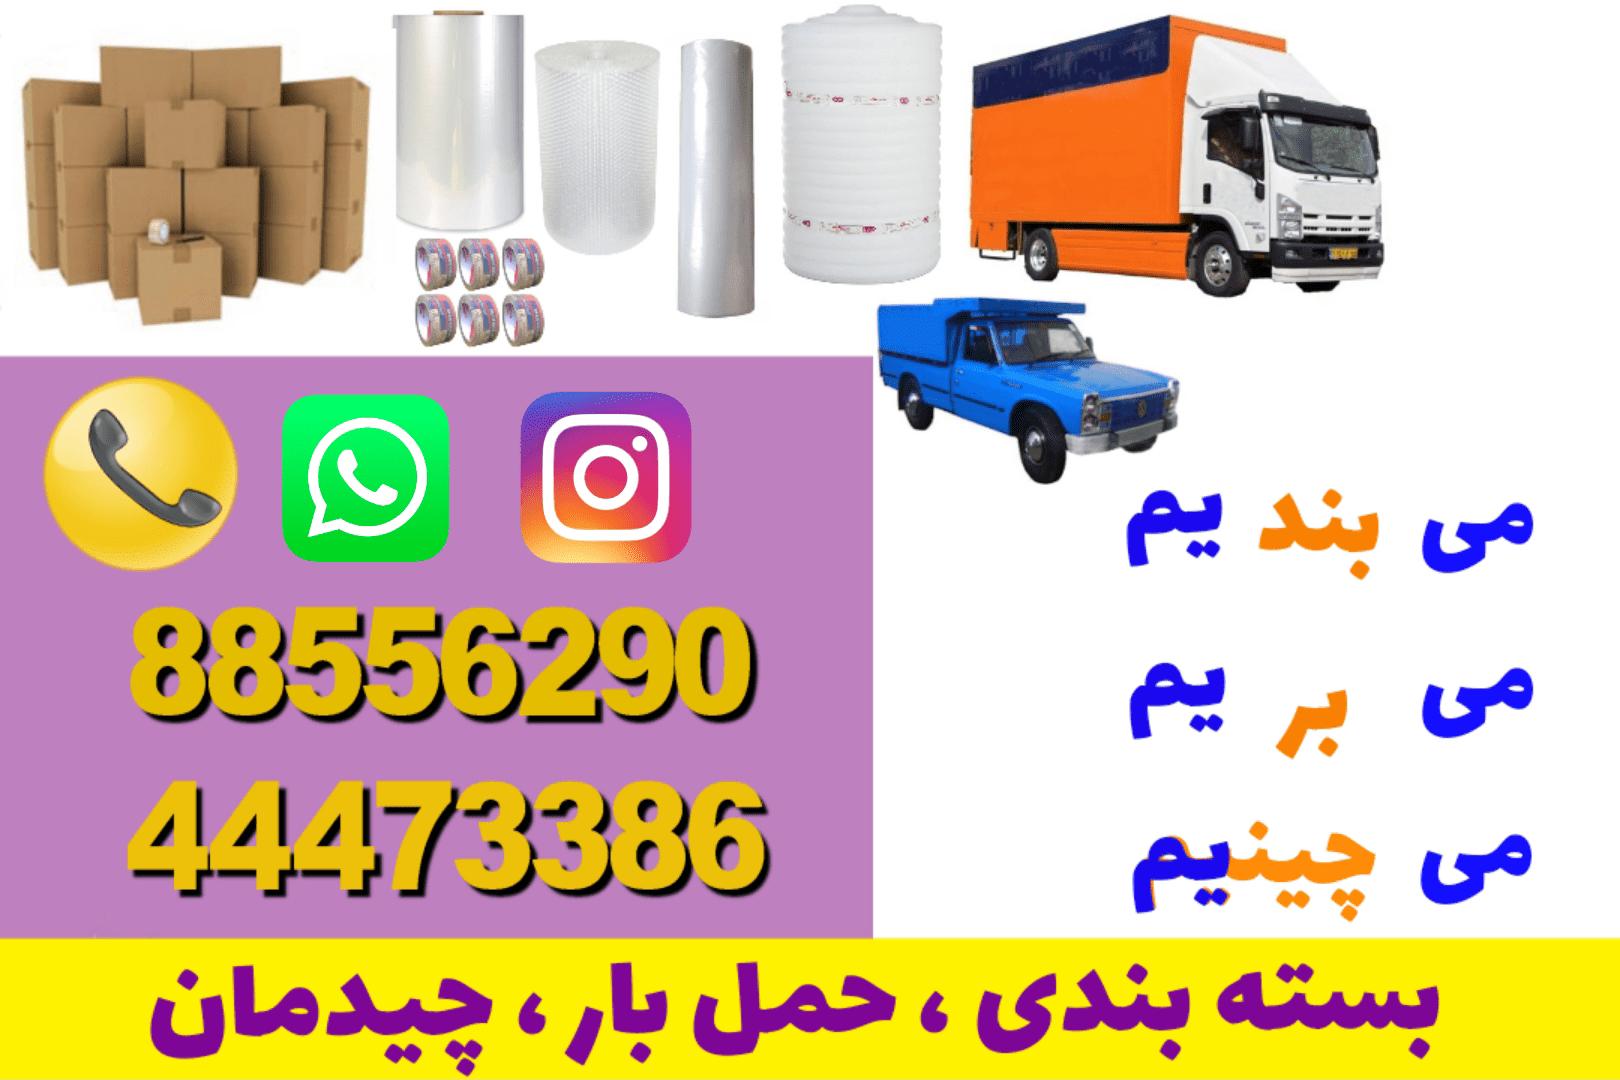 تهران باربری